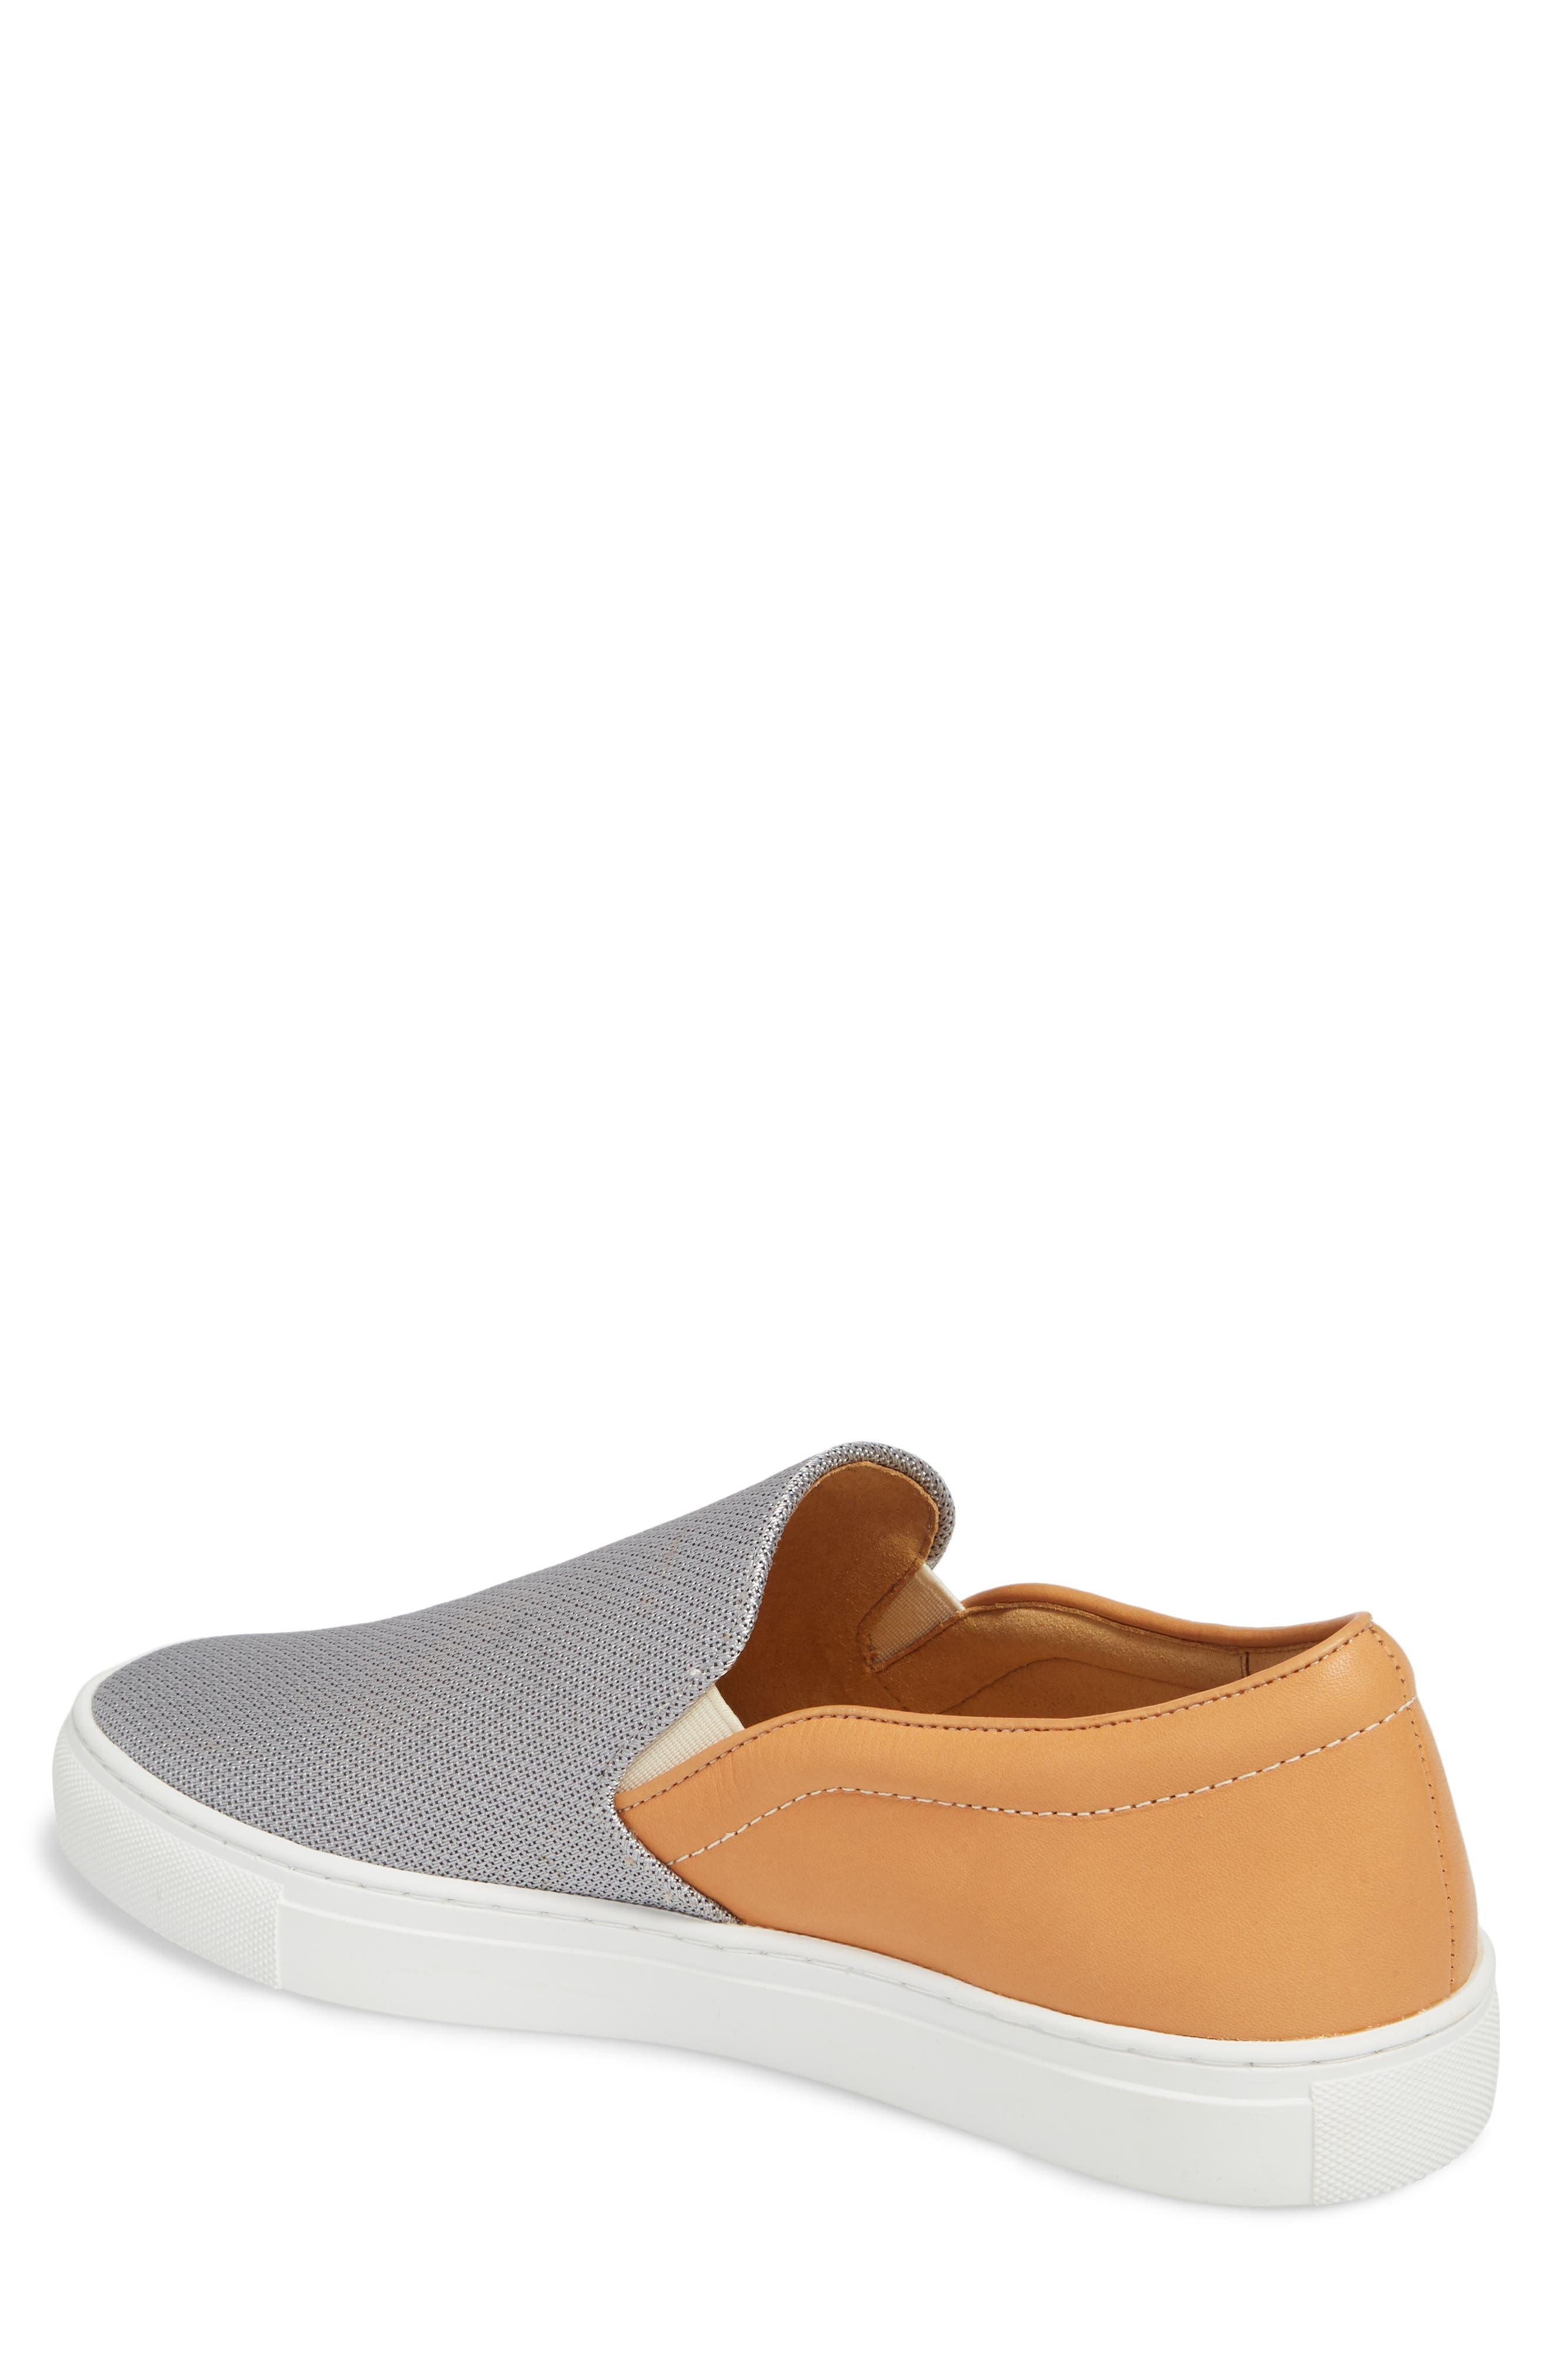 Albin Raffia Slip-On Sneaker,                             Alternate thumbnail 2, color,                             041